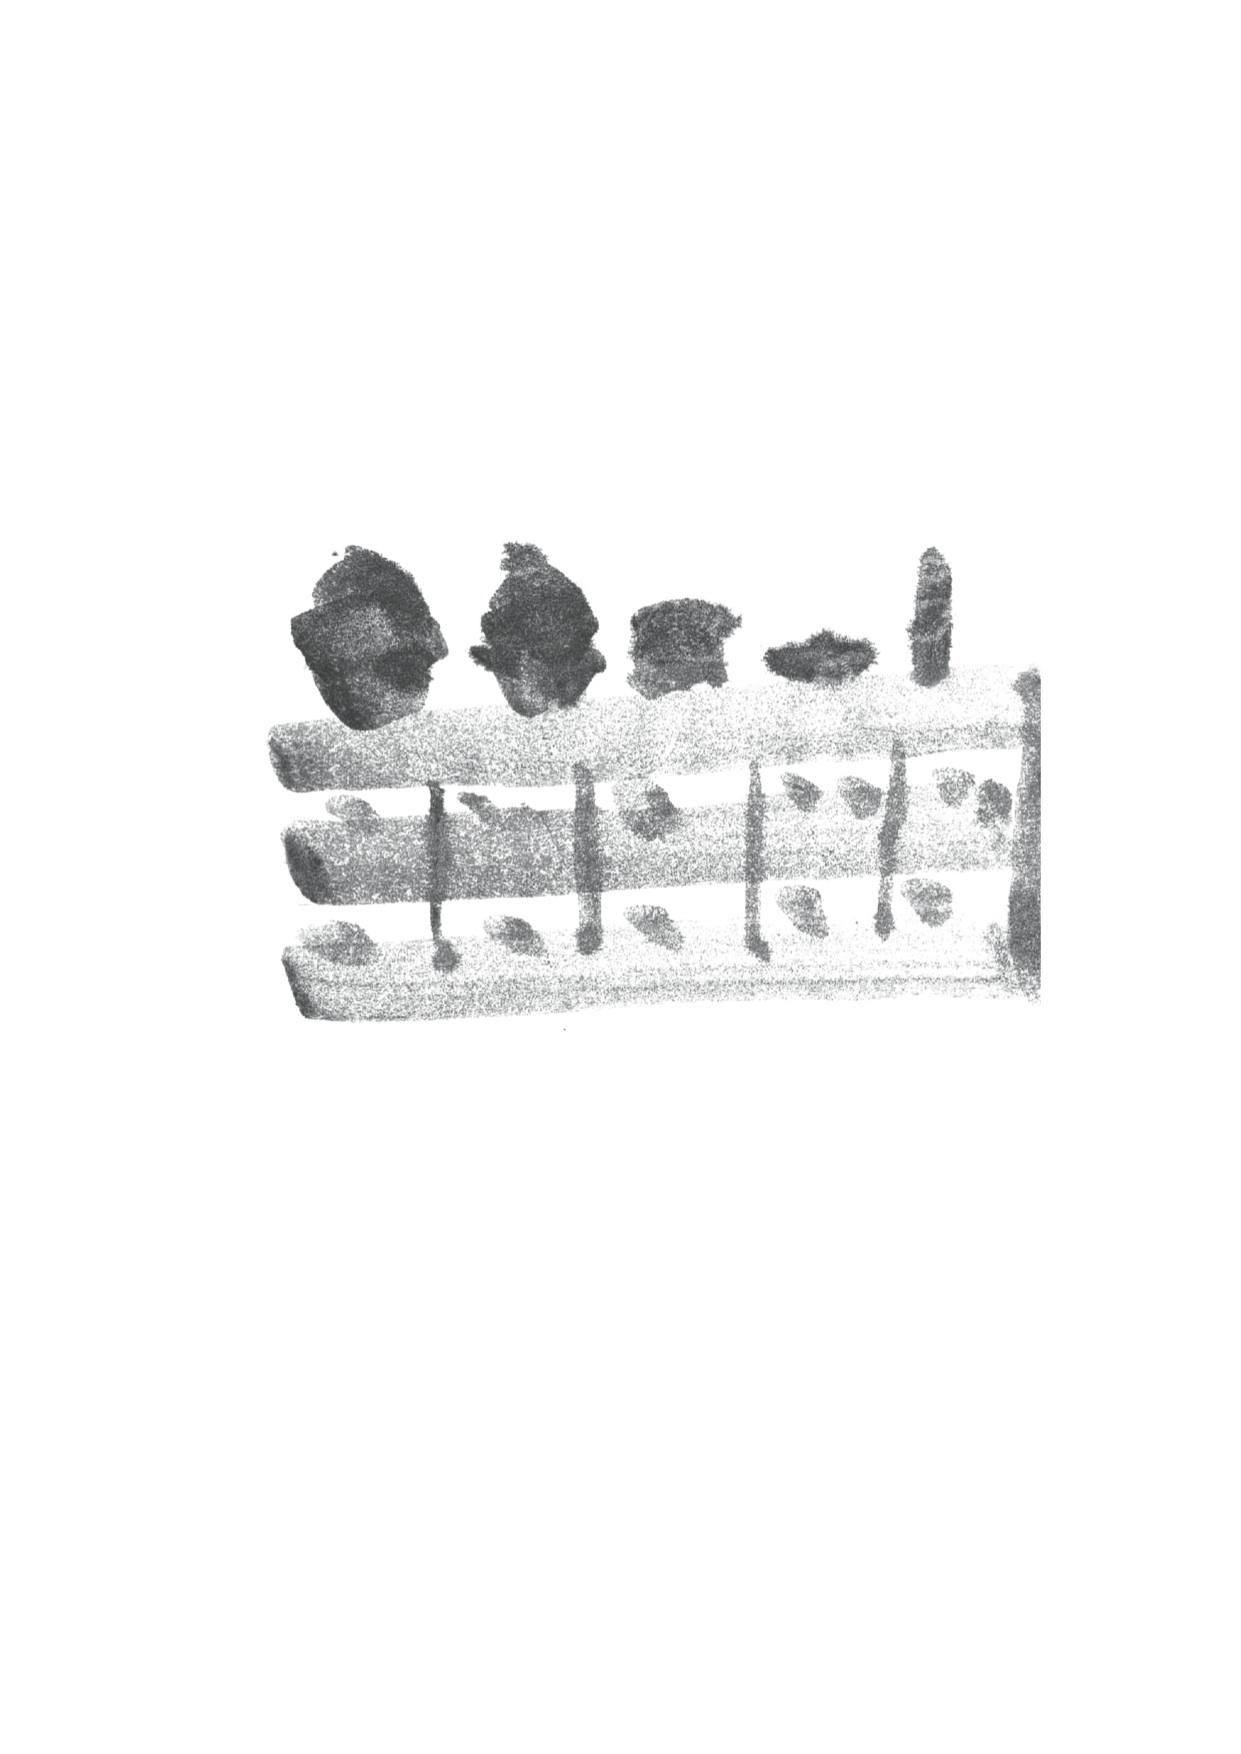 石井直人の土鍋展     ドゥーマルにて_e0197011_7245082.jpg